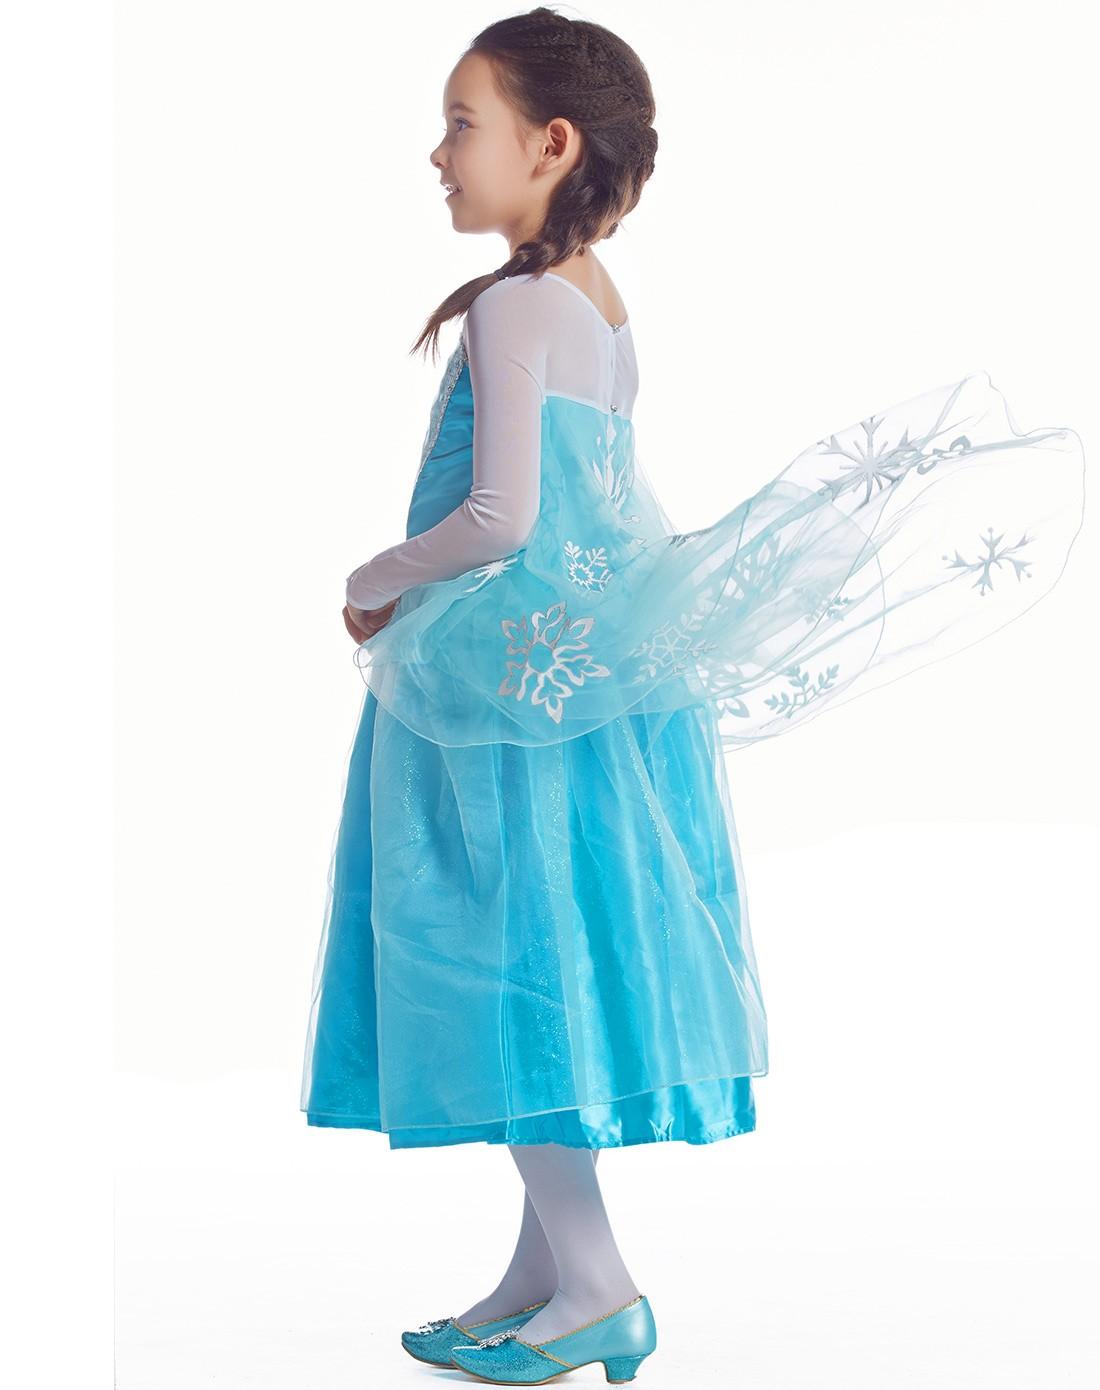 冰雪奇缘艾莎公主连衣裙